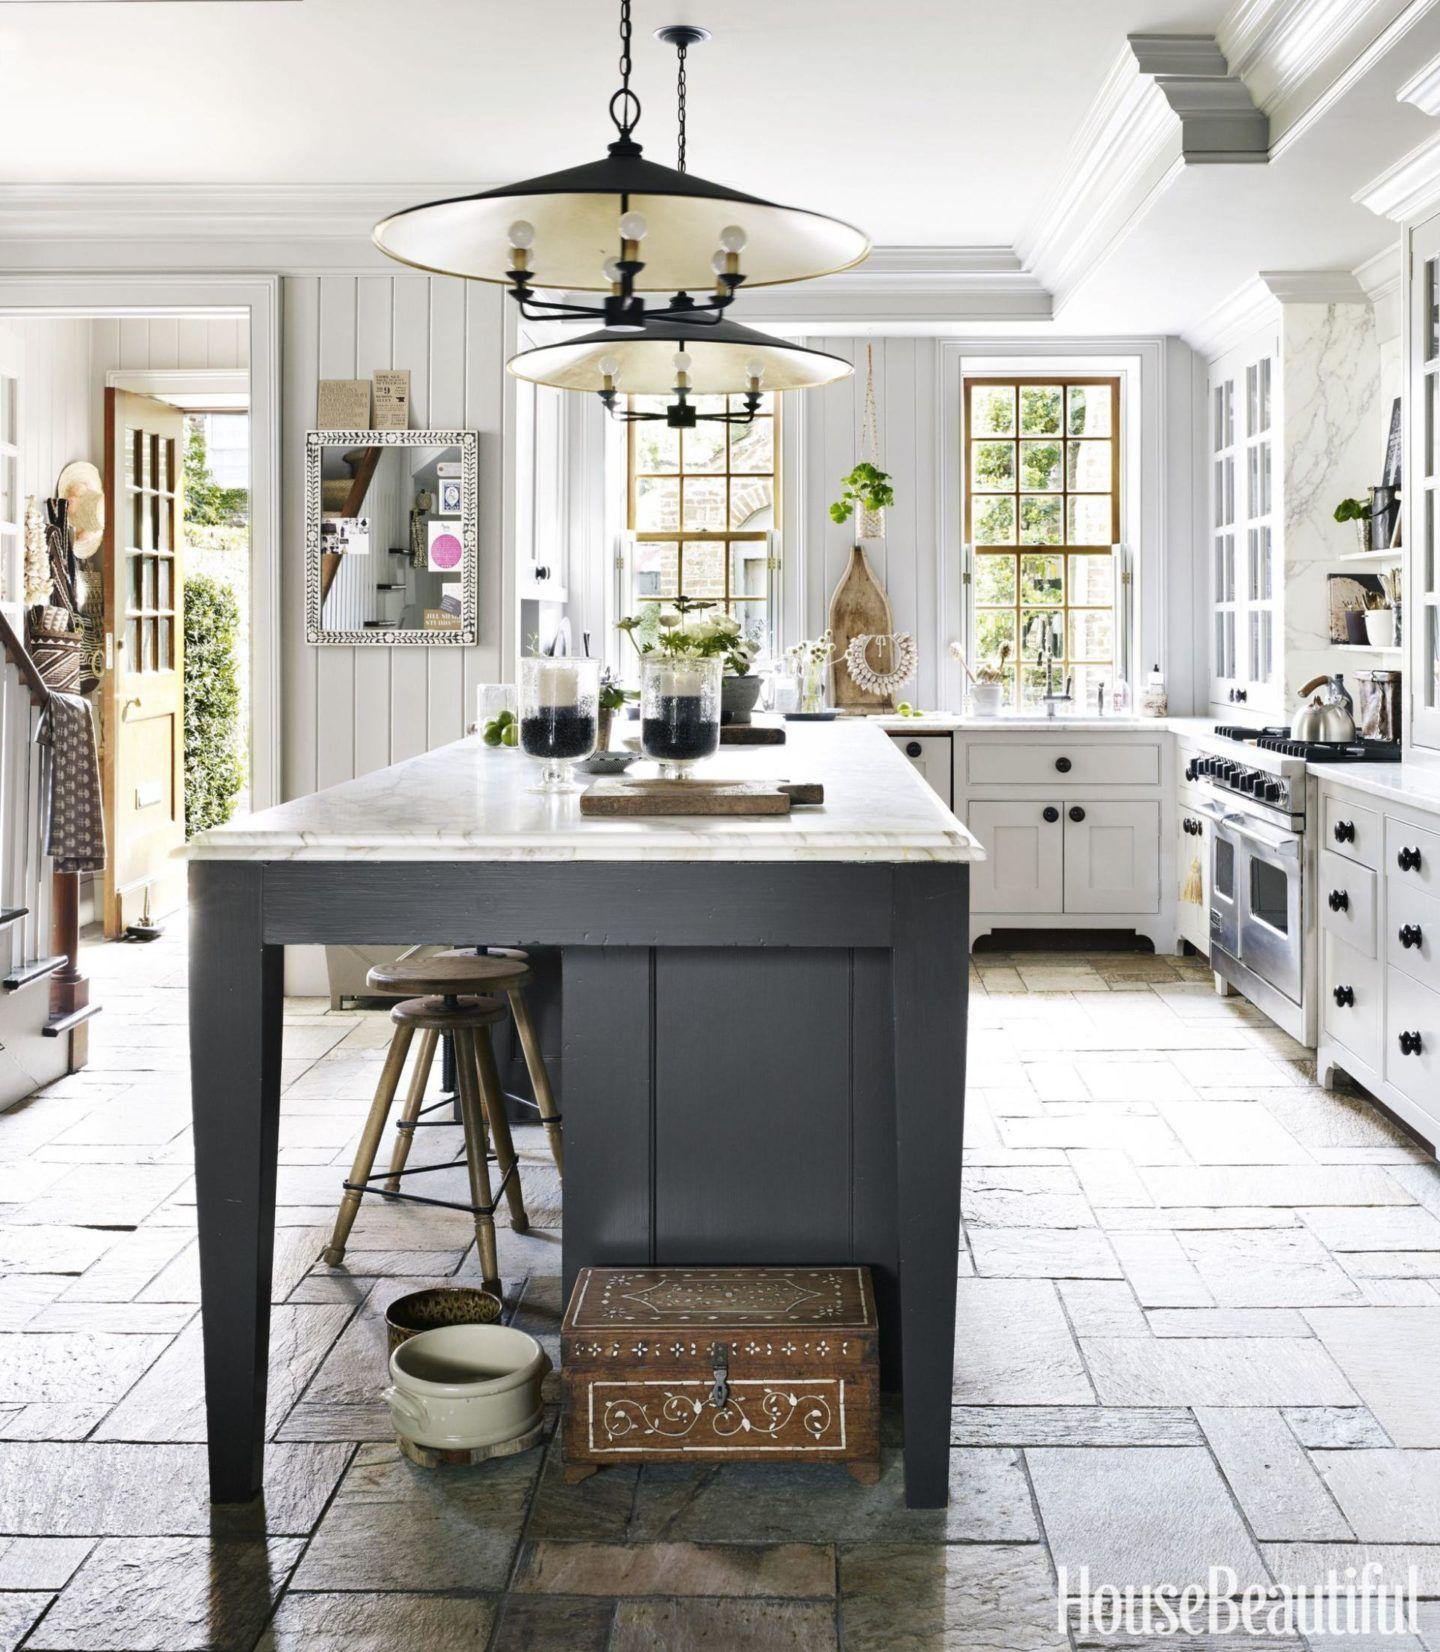 Cafe Design  Marble 22  Kitchens  Pinterest  Cafe Design Beauteous Marble Kitchen Designs 2018